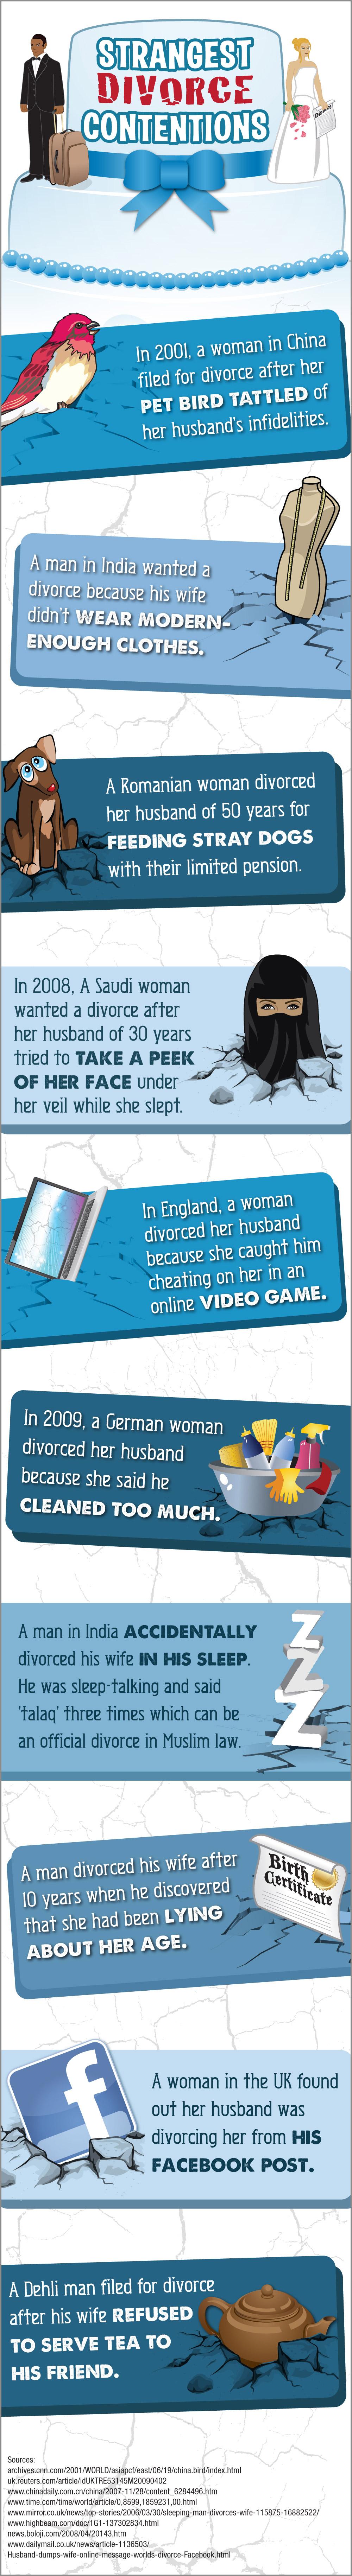 Strange Divorce Cases